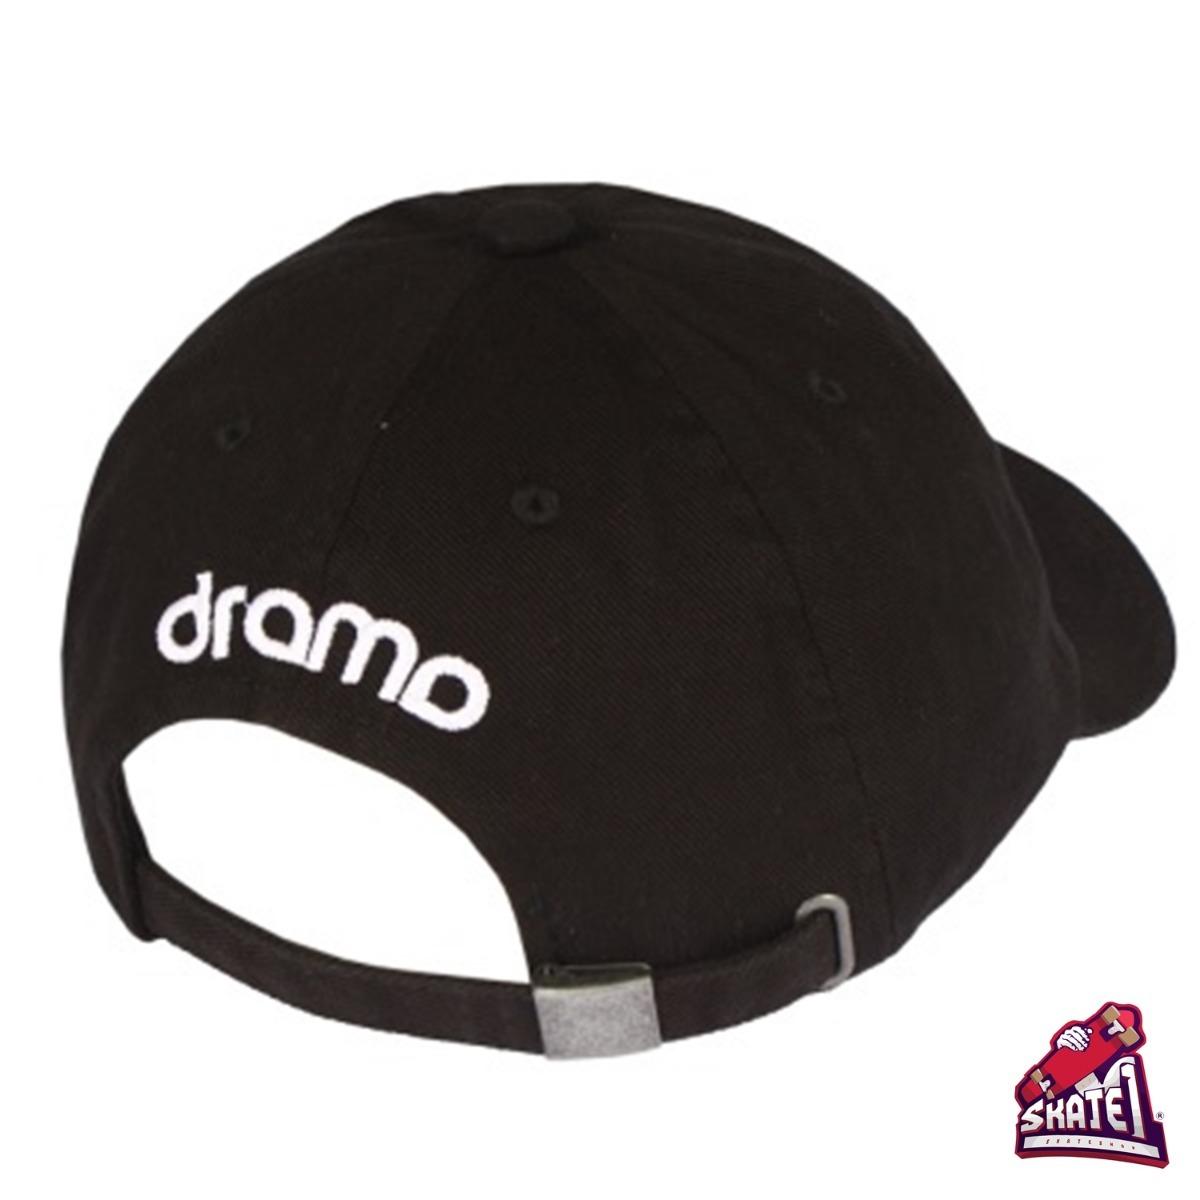 boné dad hat aba curva drama original logo preto. Carregando zoom. 2b28ab66e1f